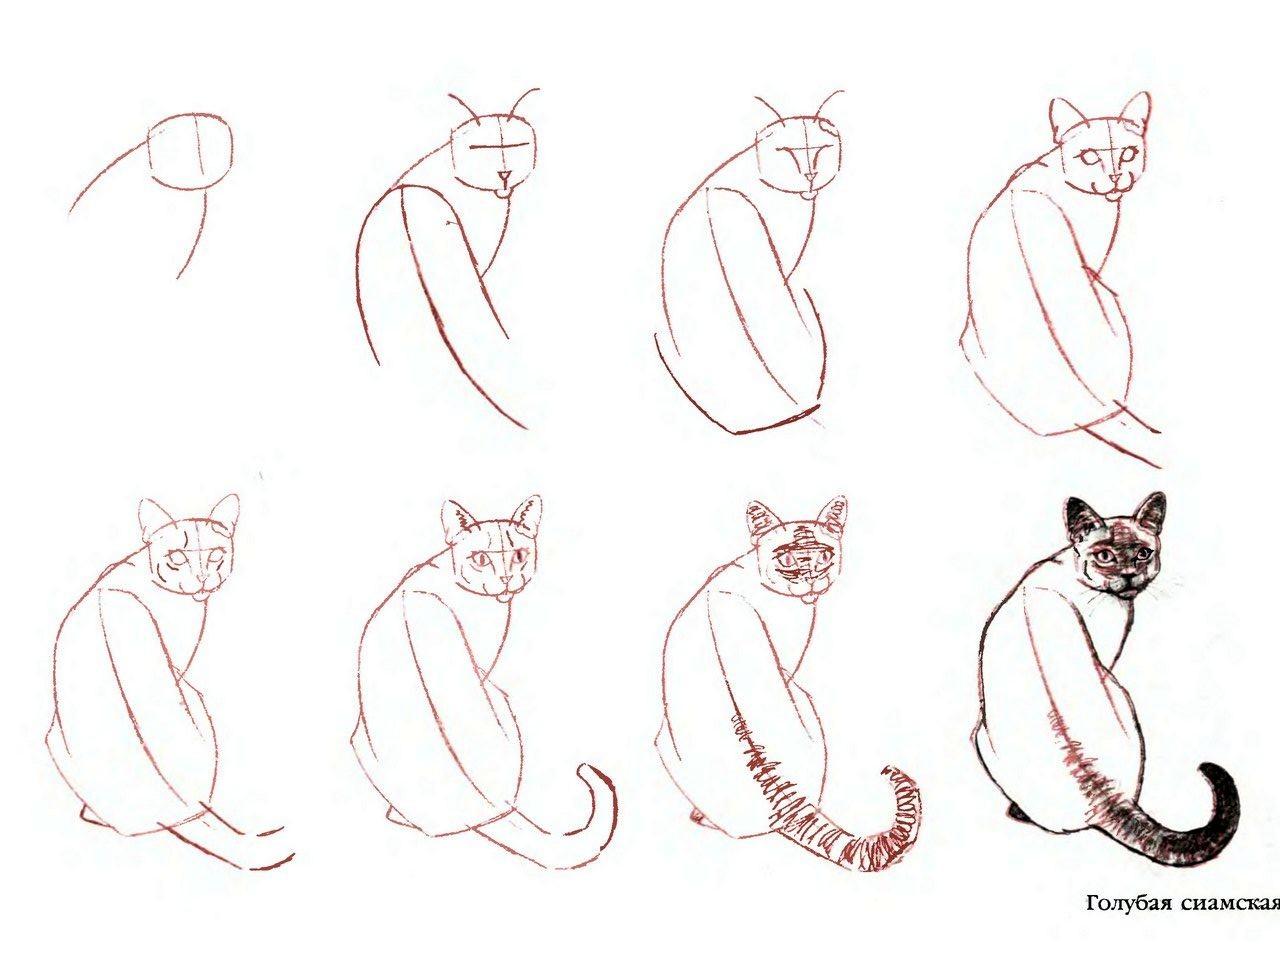 ...как рисовать кошку карандашом, рисунки кошек карандашом, как рисовать кошек, как рисовать кота...